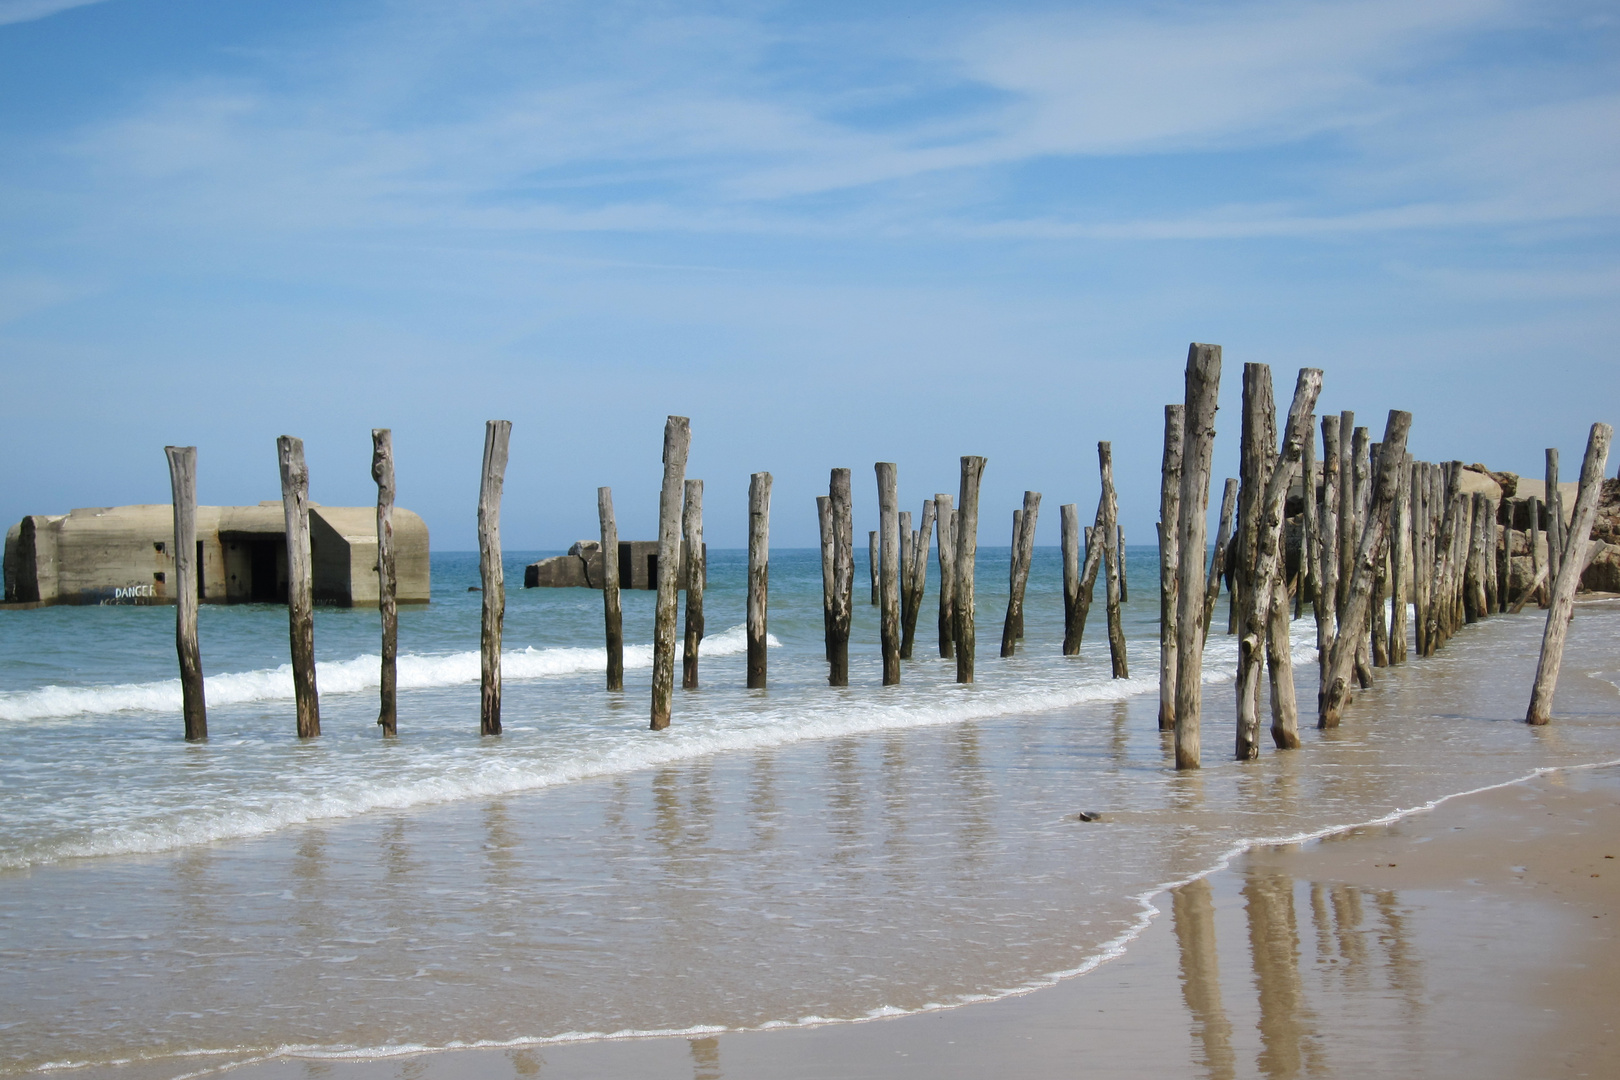 Am Strand von Wissant an der Cote d*Opale